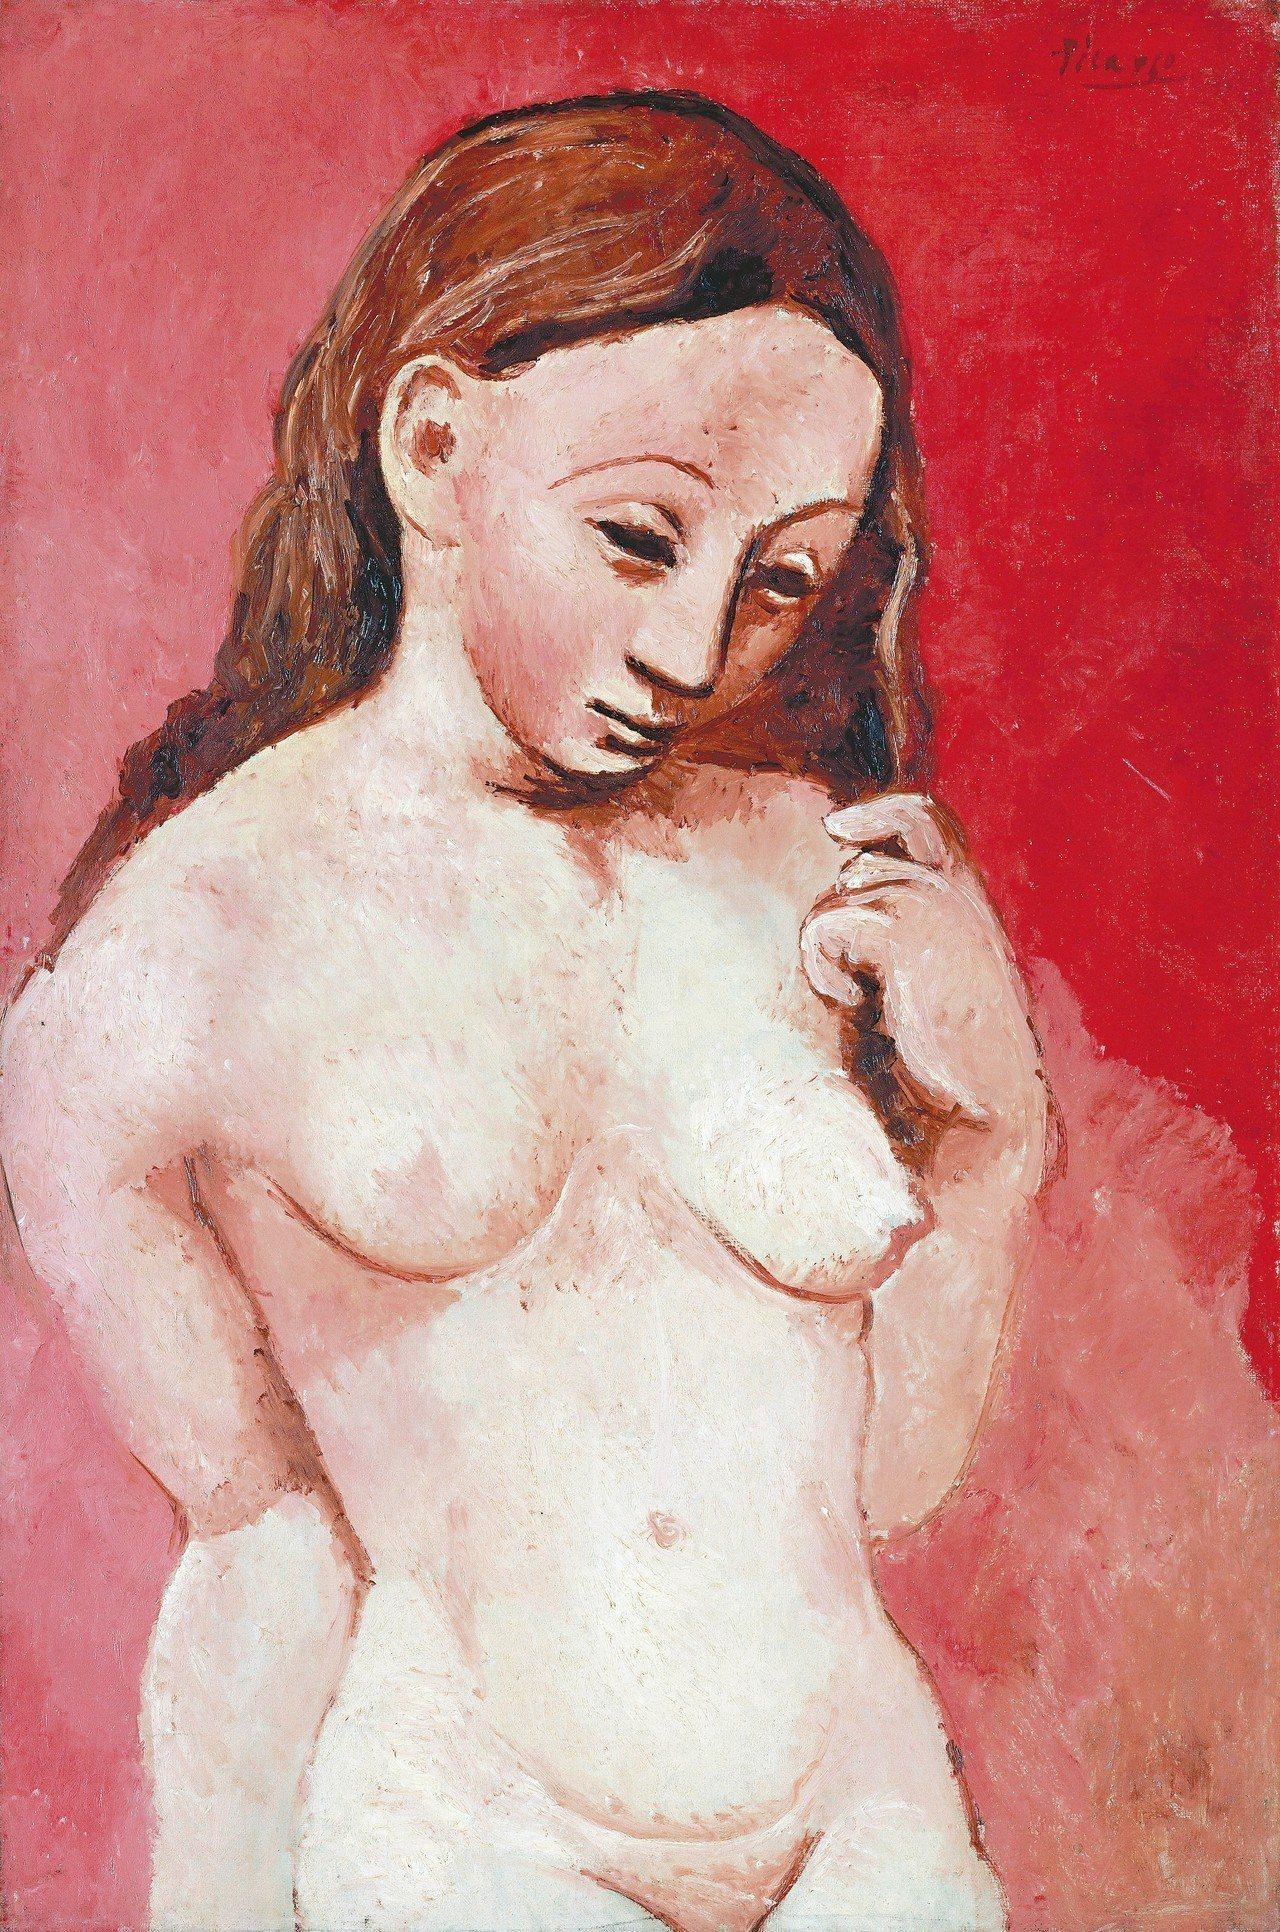 畢卡索約1906年油畫作品《紅色背景裸女》,81 x 54 cm,巴黎橘園美術館...